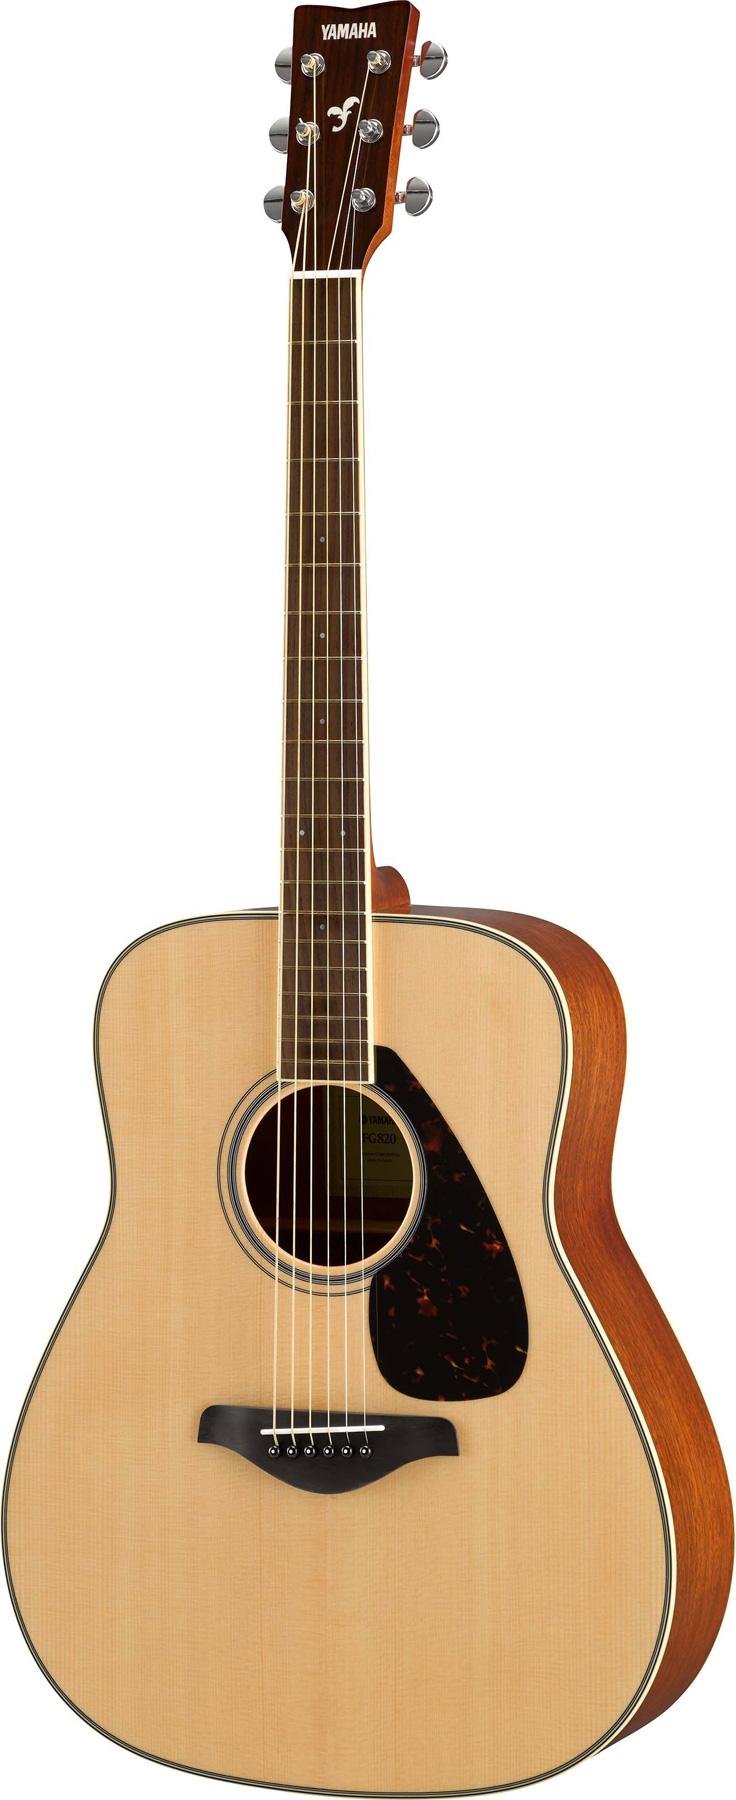 yamaha fg820 nt dreadnought akustik gitarre inkl gigbag. Black Bedroom Furniture Sets. Home Design Ideas